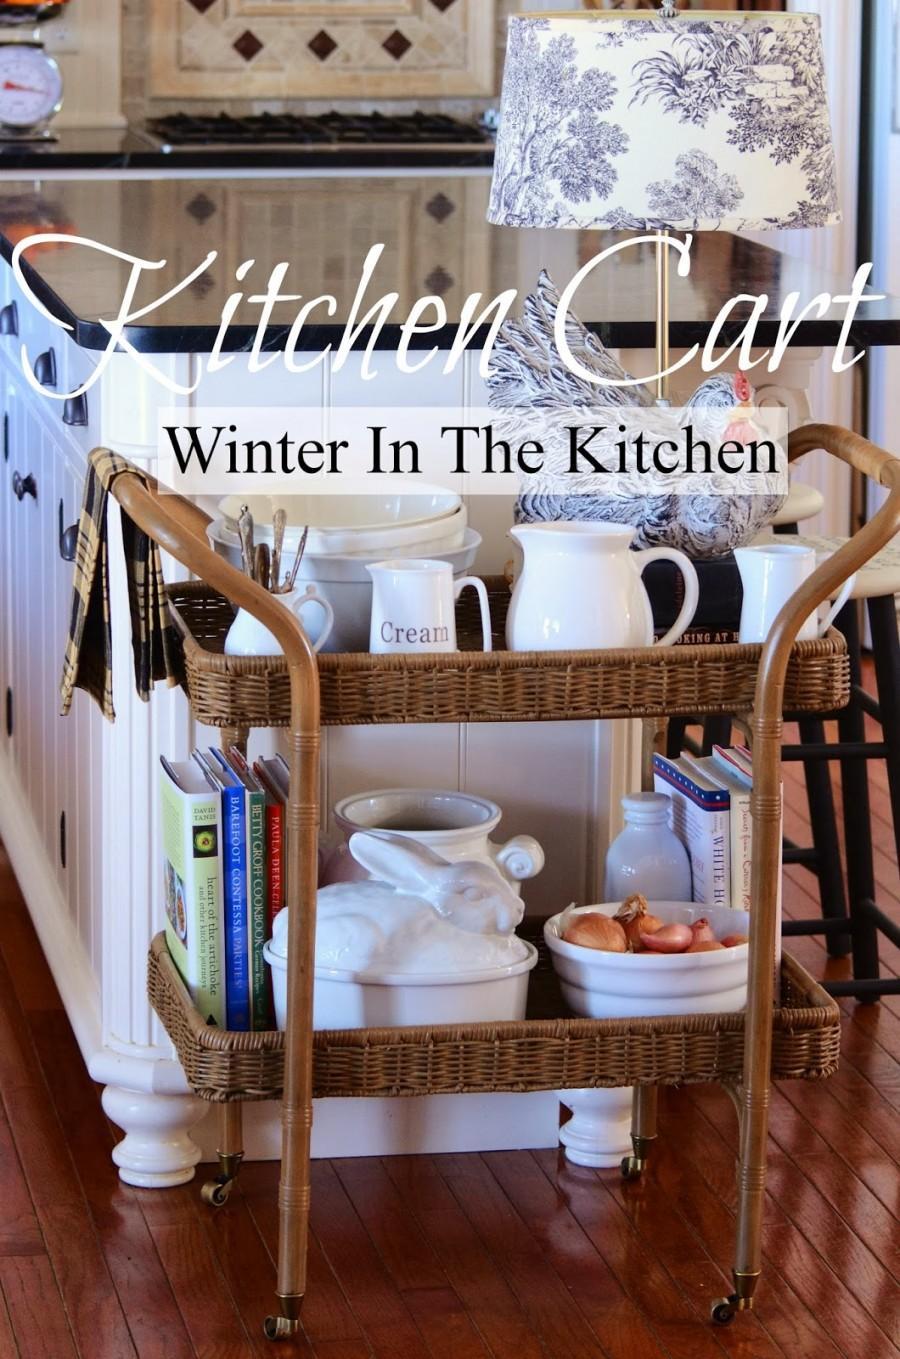 KITCHEN CART~ WINTER IN THE KITCHEN